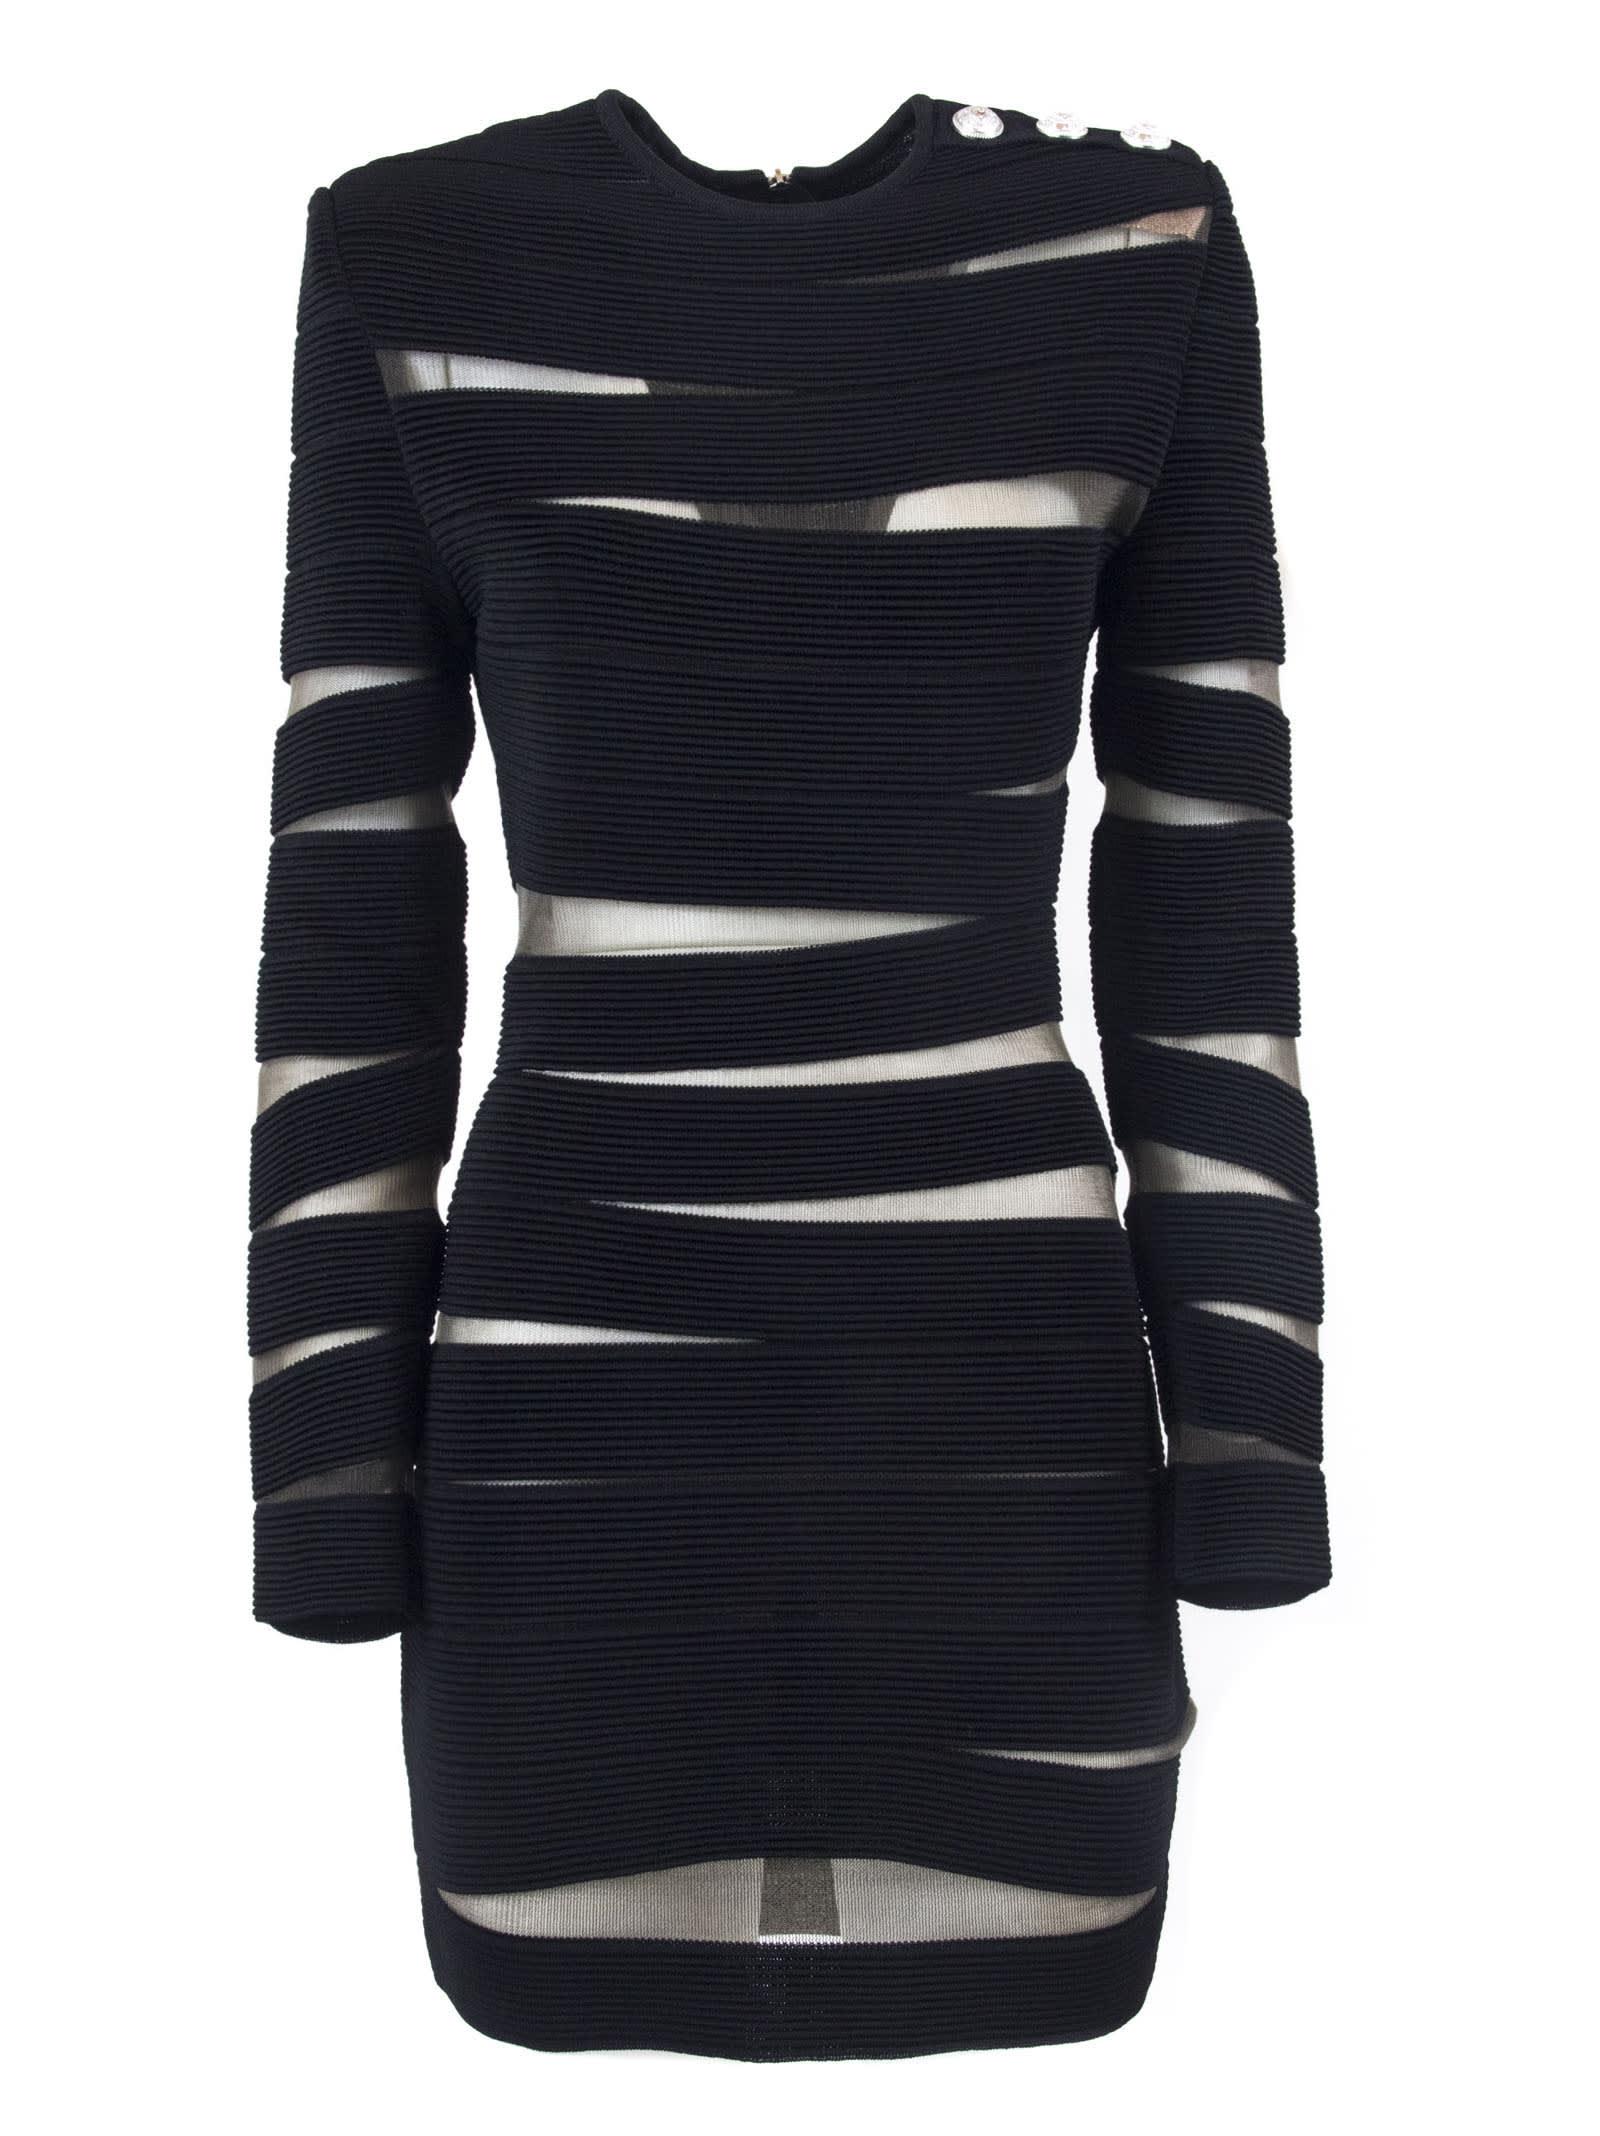 Balmain Black Knit Dress